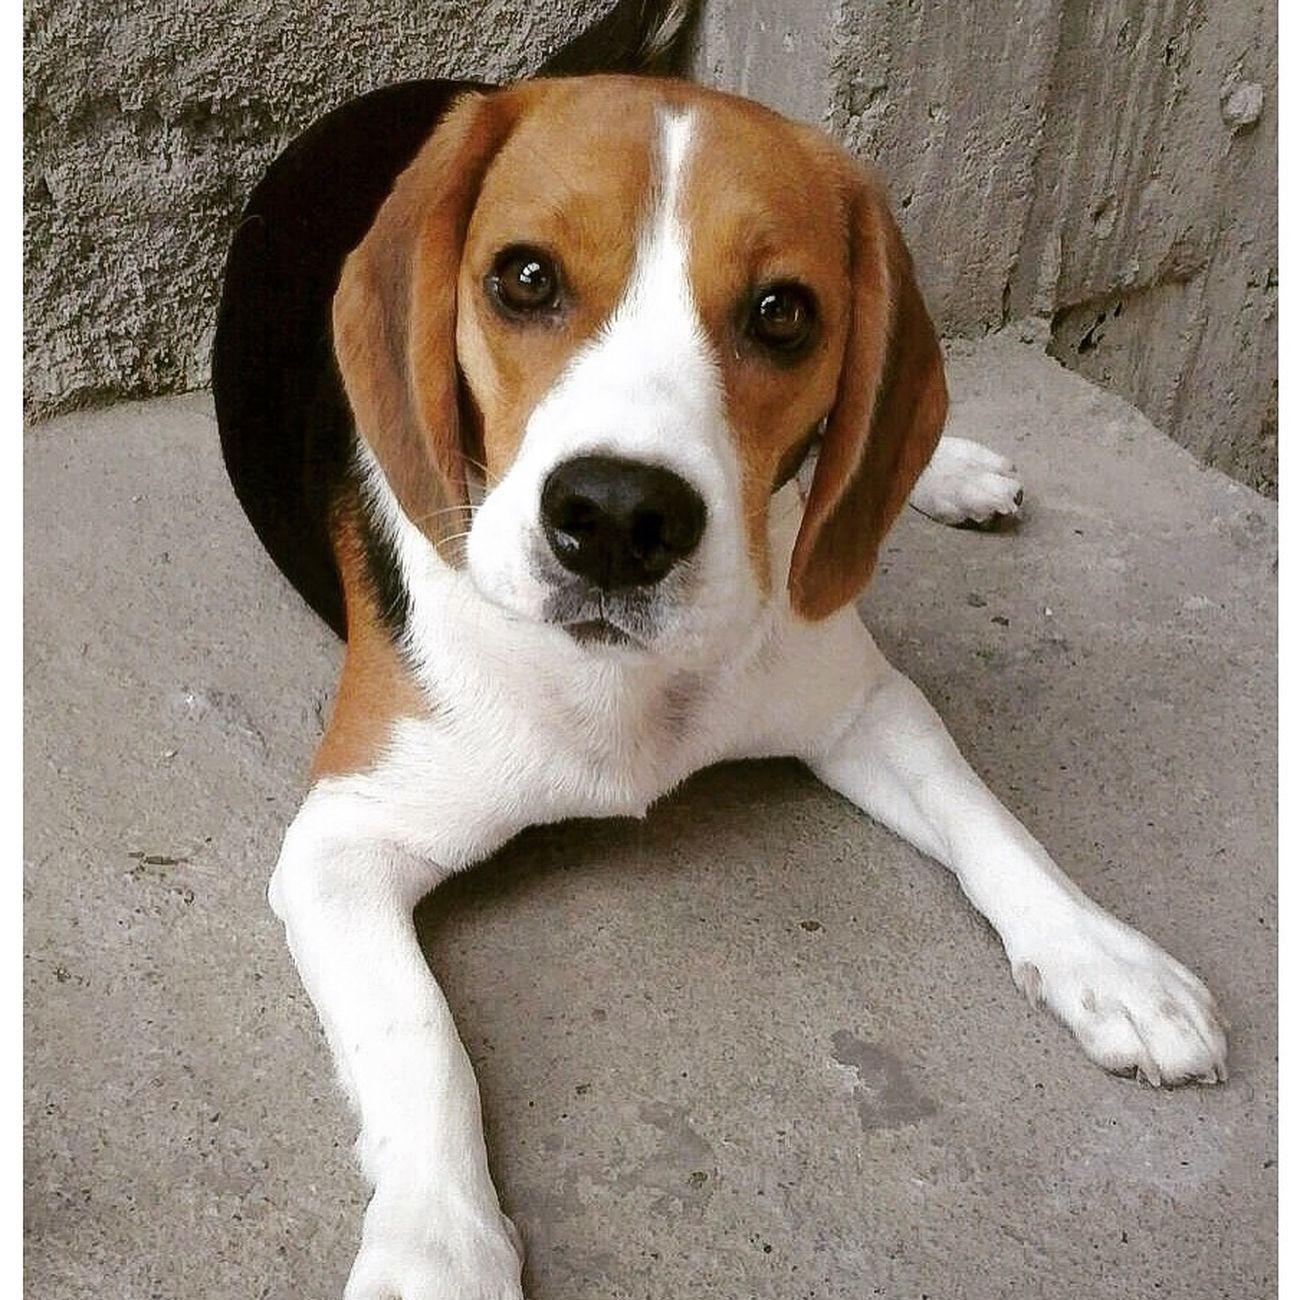 Hora de brincar na laje.. Beagle Beagles  Beaglelovers Beaglelove Lovedogs Lovedogsforever